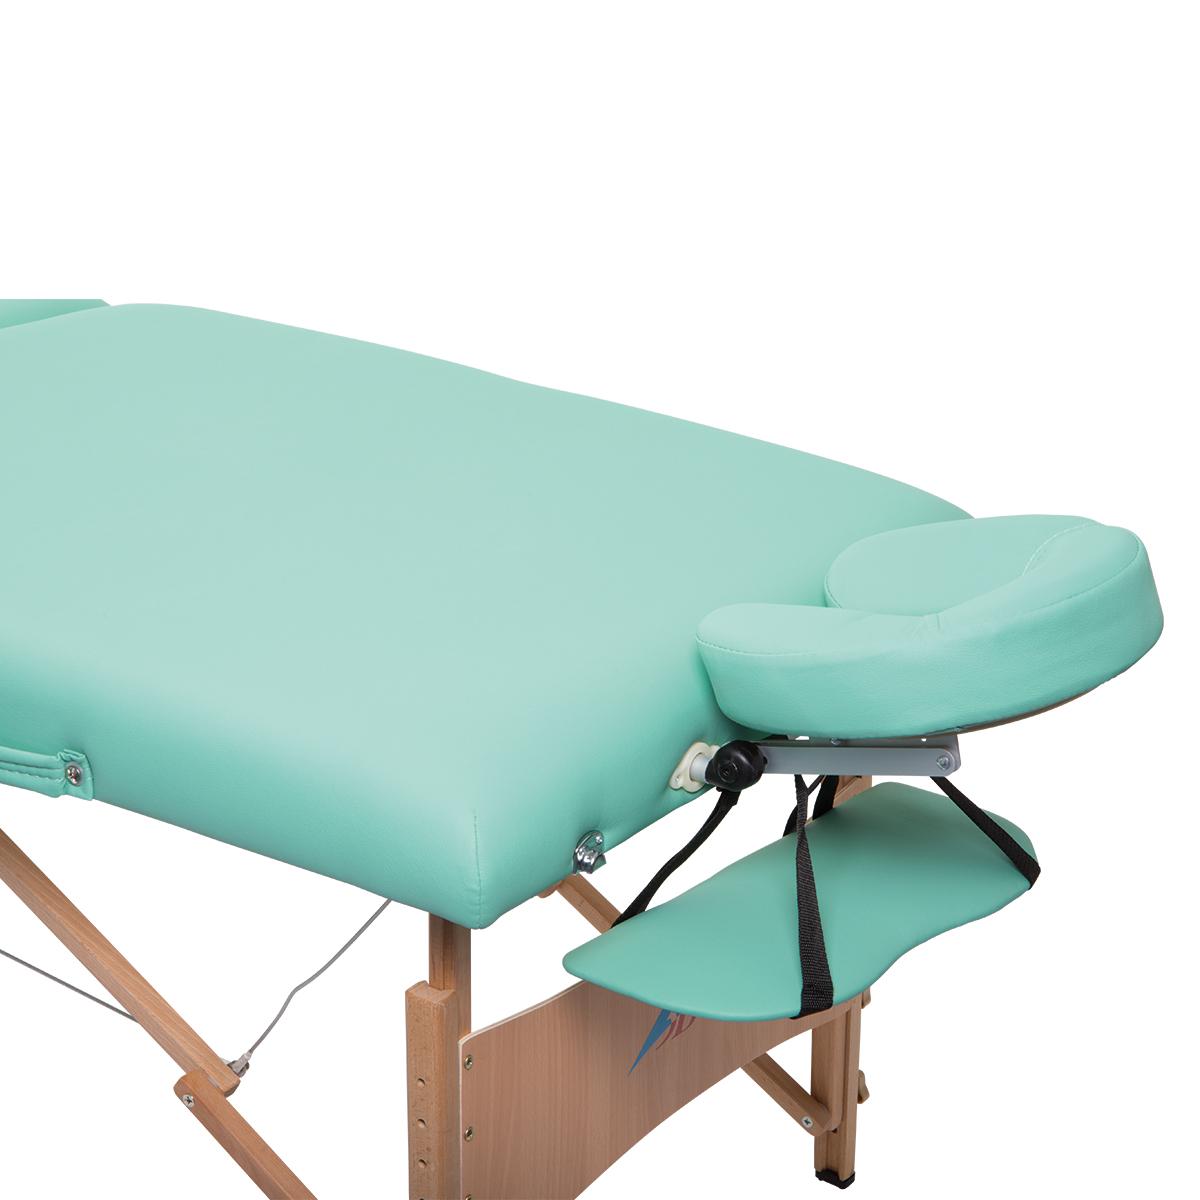 tragbare komfort massageliege aus holz gr n 1013728 w60613 massageliegen 3b scientific. Black Bedroom Furniture Sets. Home Design Ideas